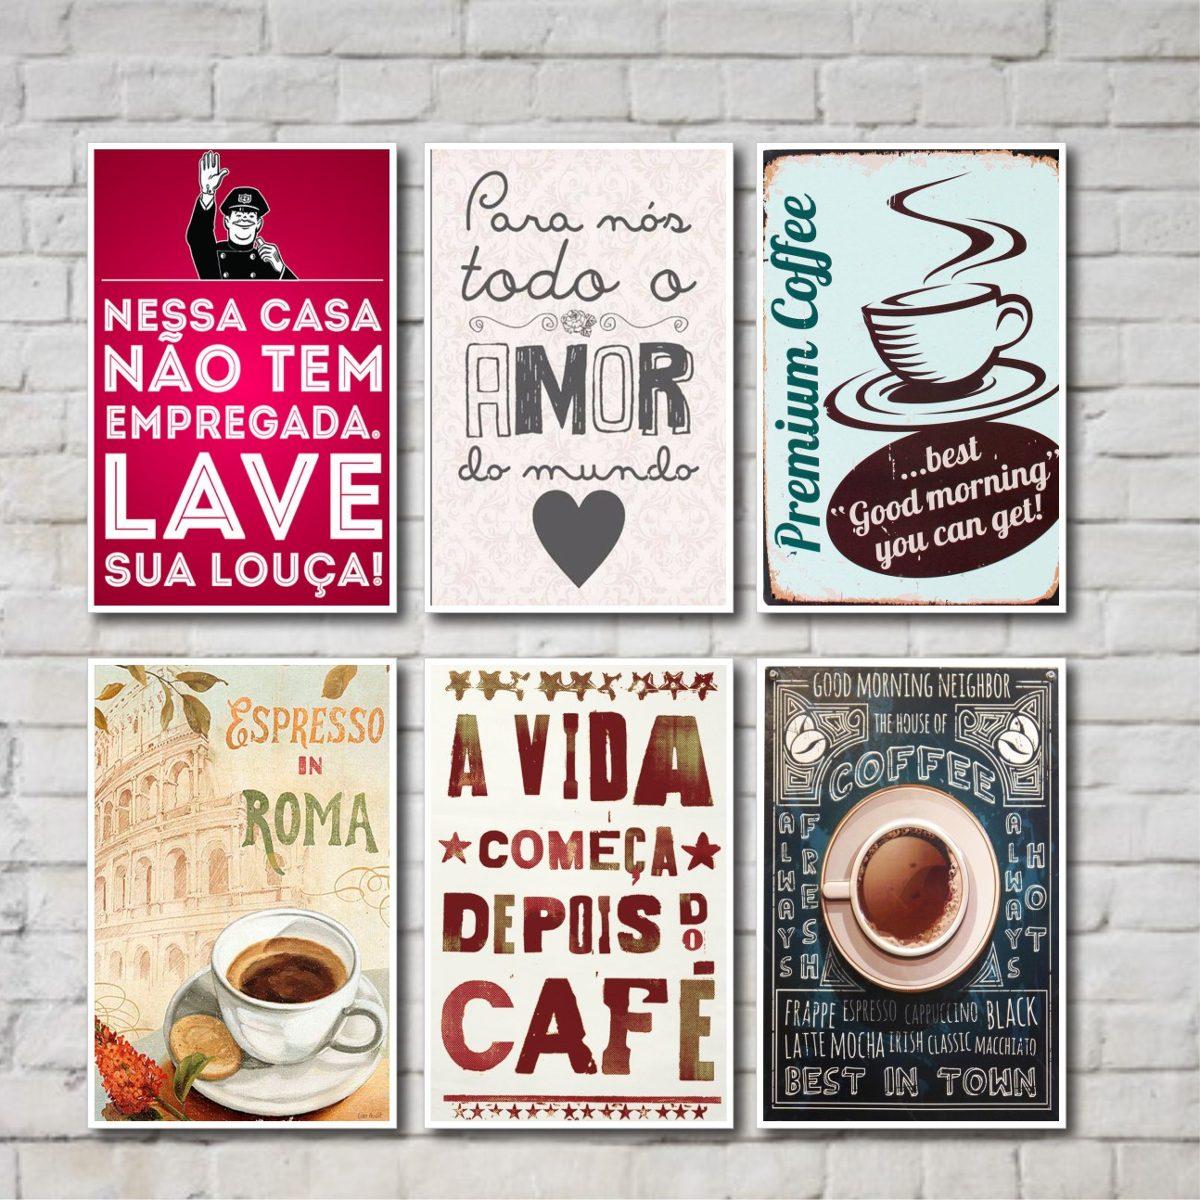 Placas Decorativas Frases Caf Cozinha 06 Placas R 69 90 Em  ~ Frases De Limpeza Na Cozinha